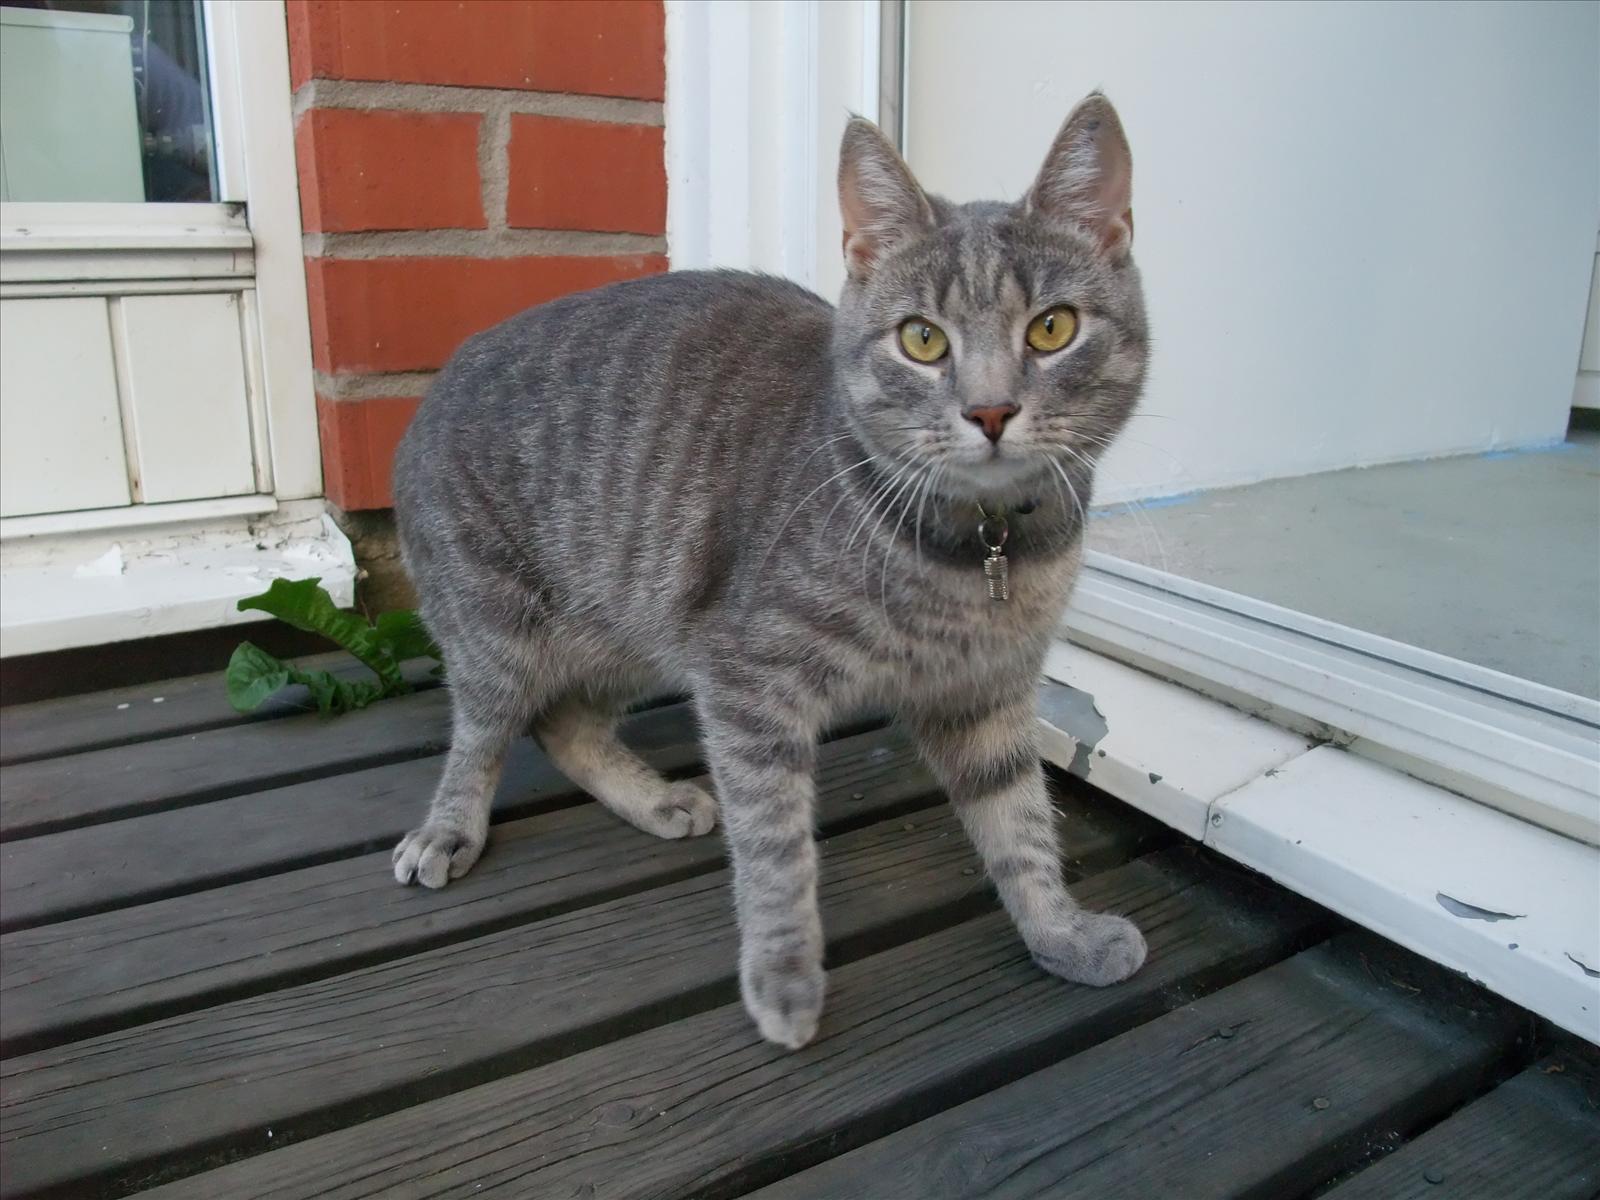 Bortsprungna katter